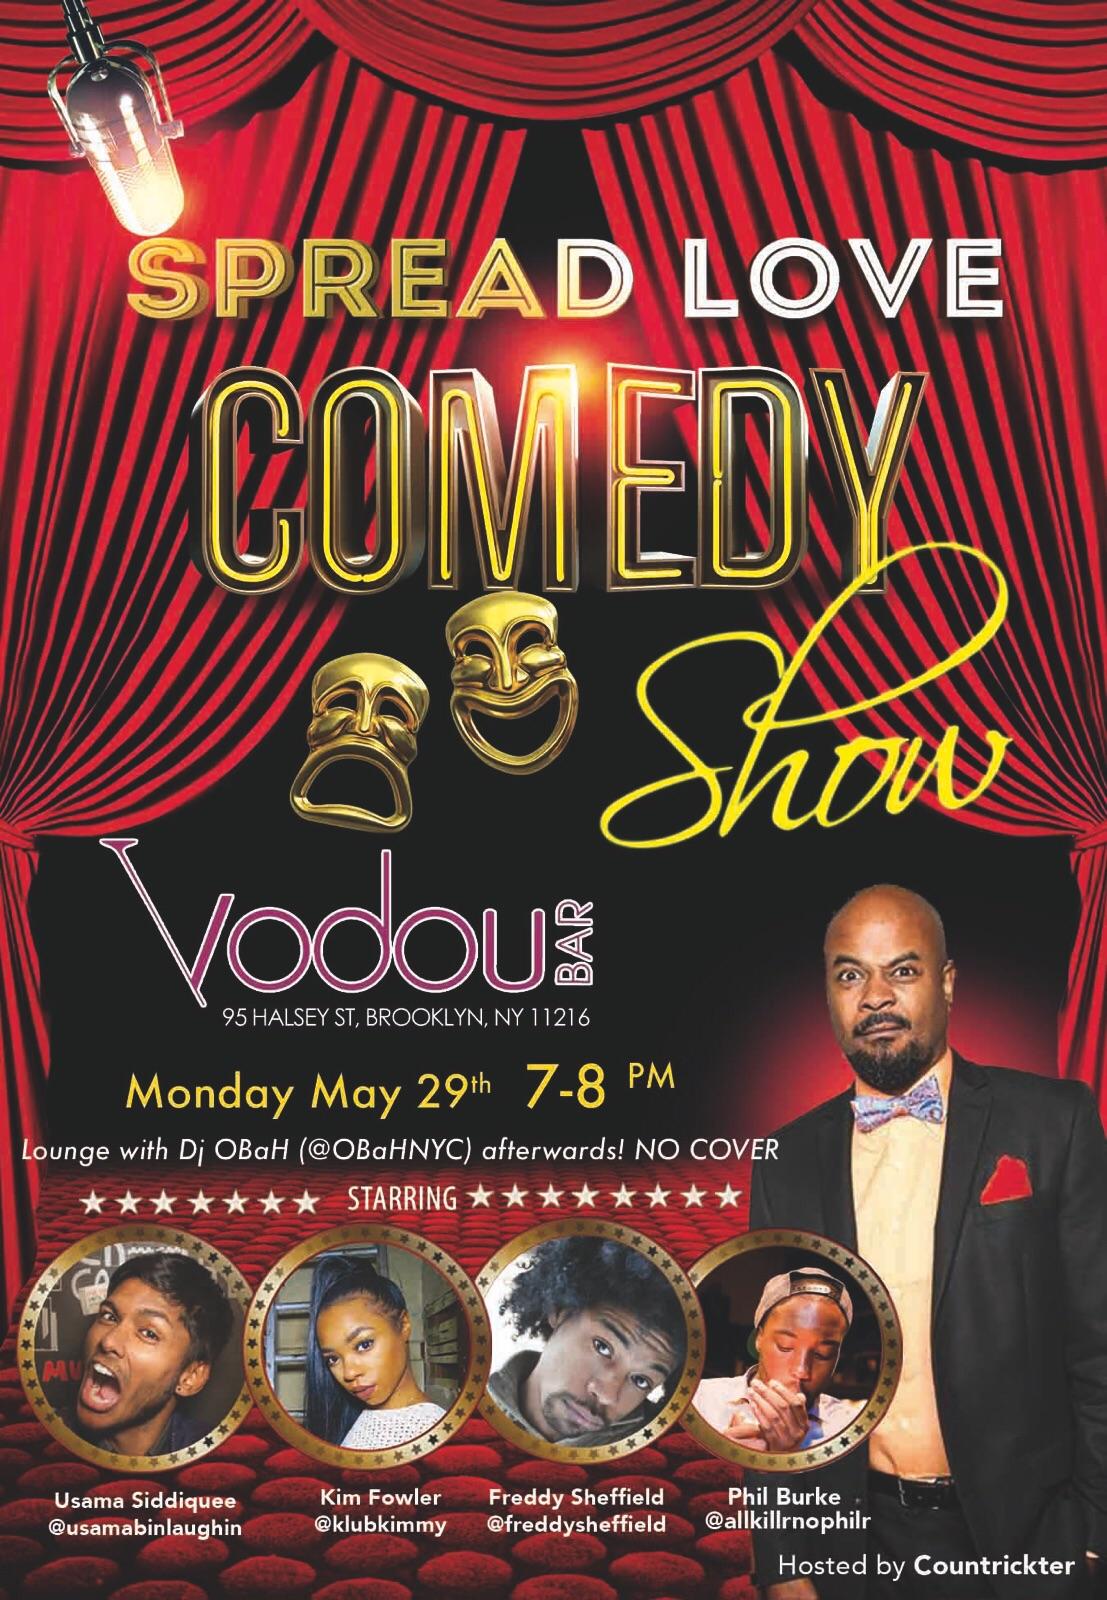 Spread Love Comedy Show